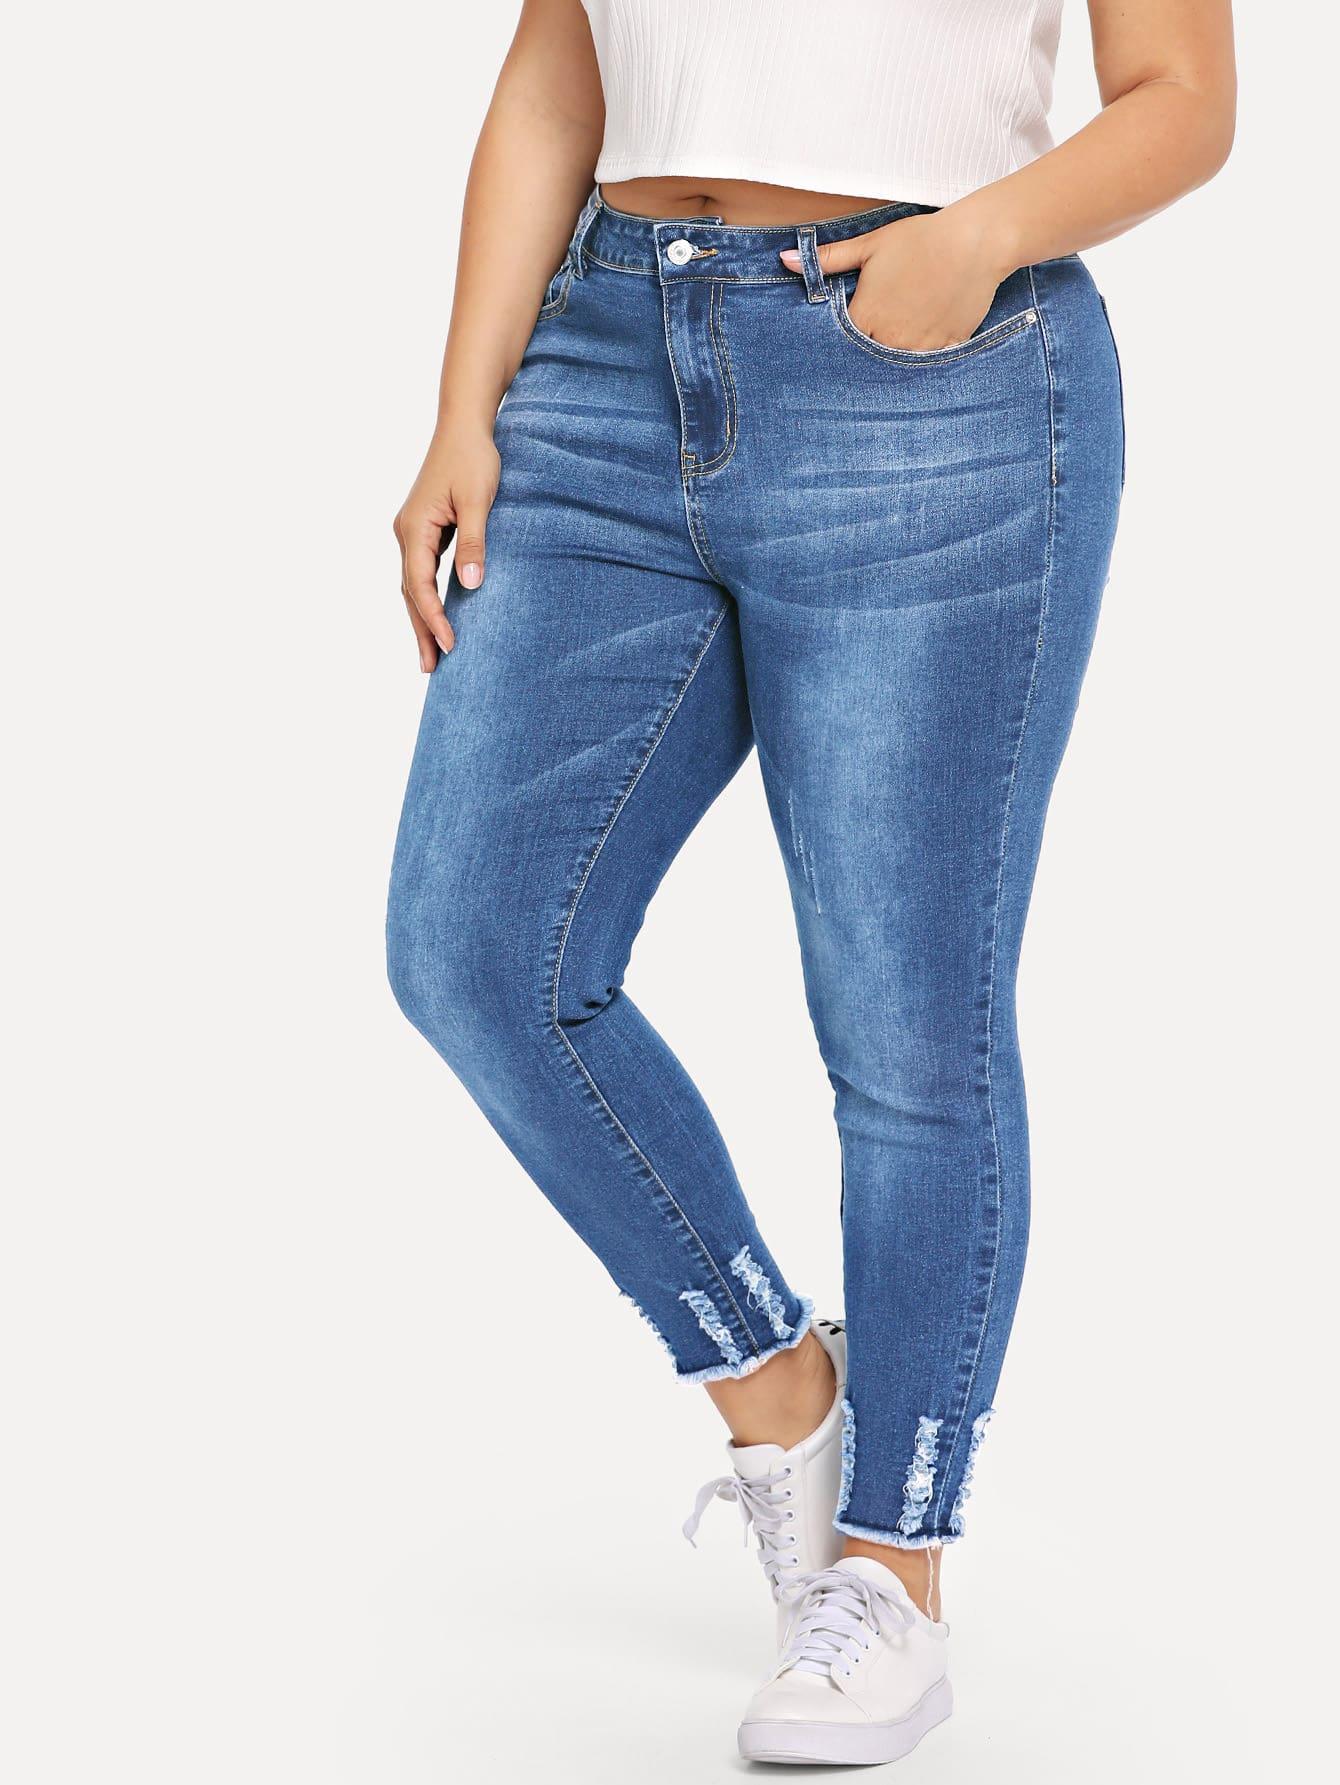 Купить Рваные джинсы с необработанным низом размера плюс, Franziska, SheIn